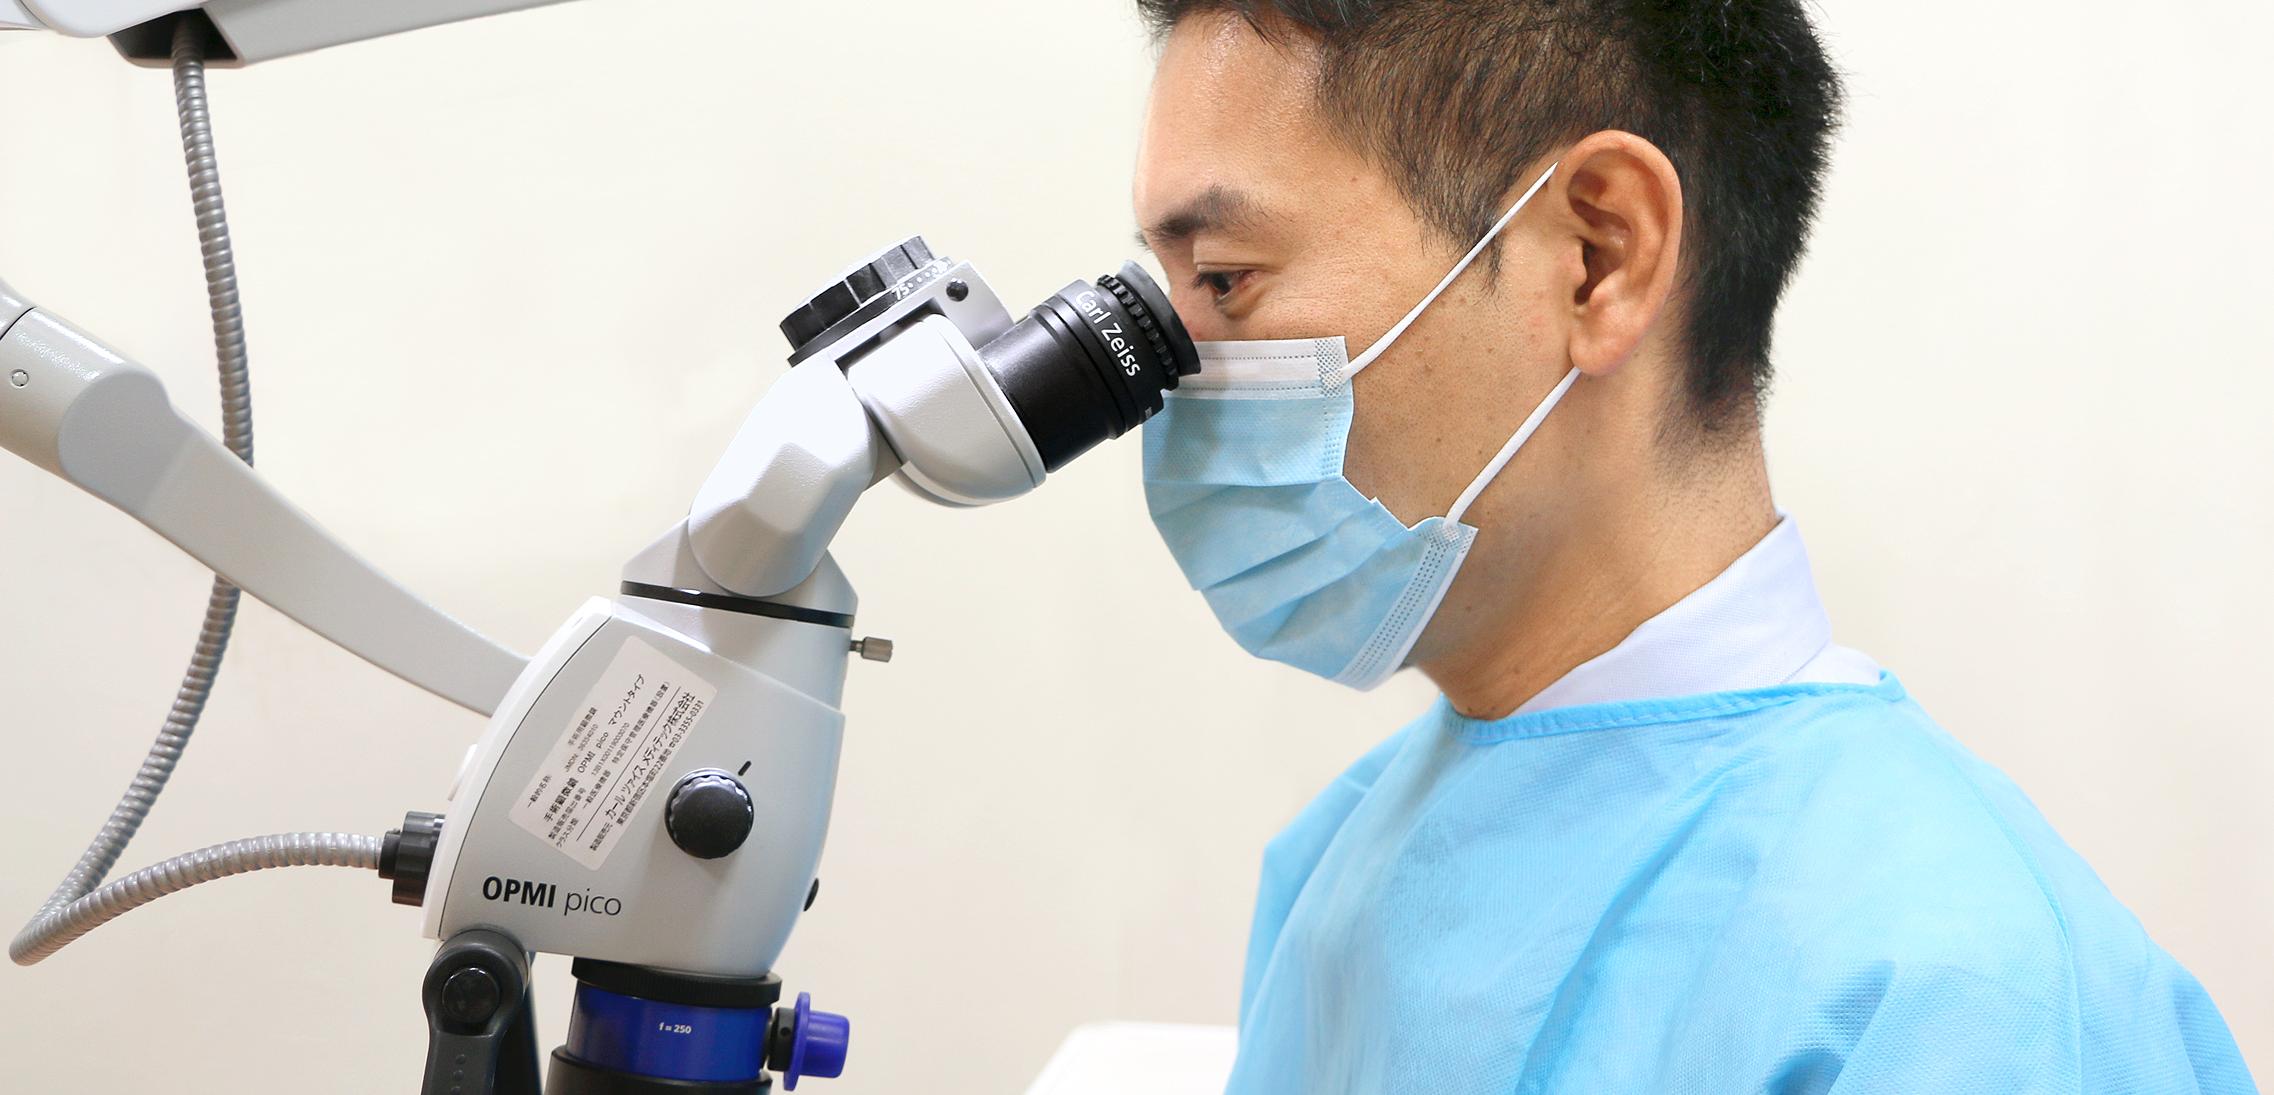 「抜歯」と宣言された患者様へ。根管治療で、天然歯を守る選択肢。根管治療専門医との連携